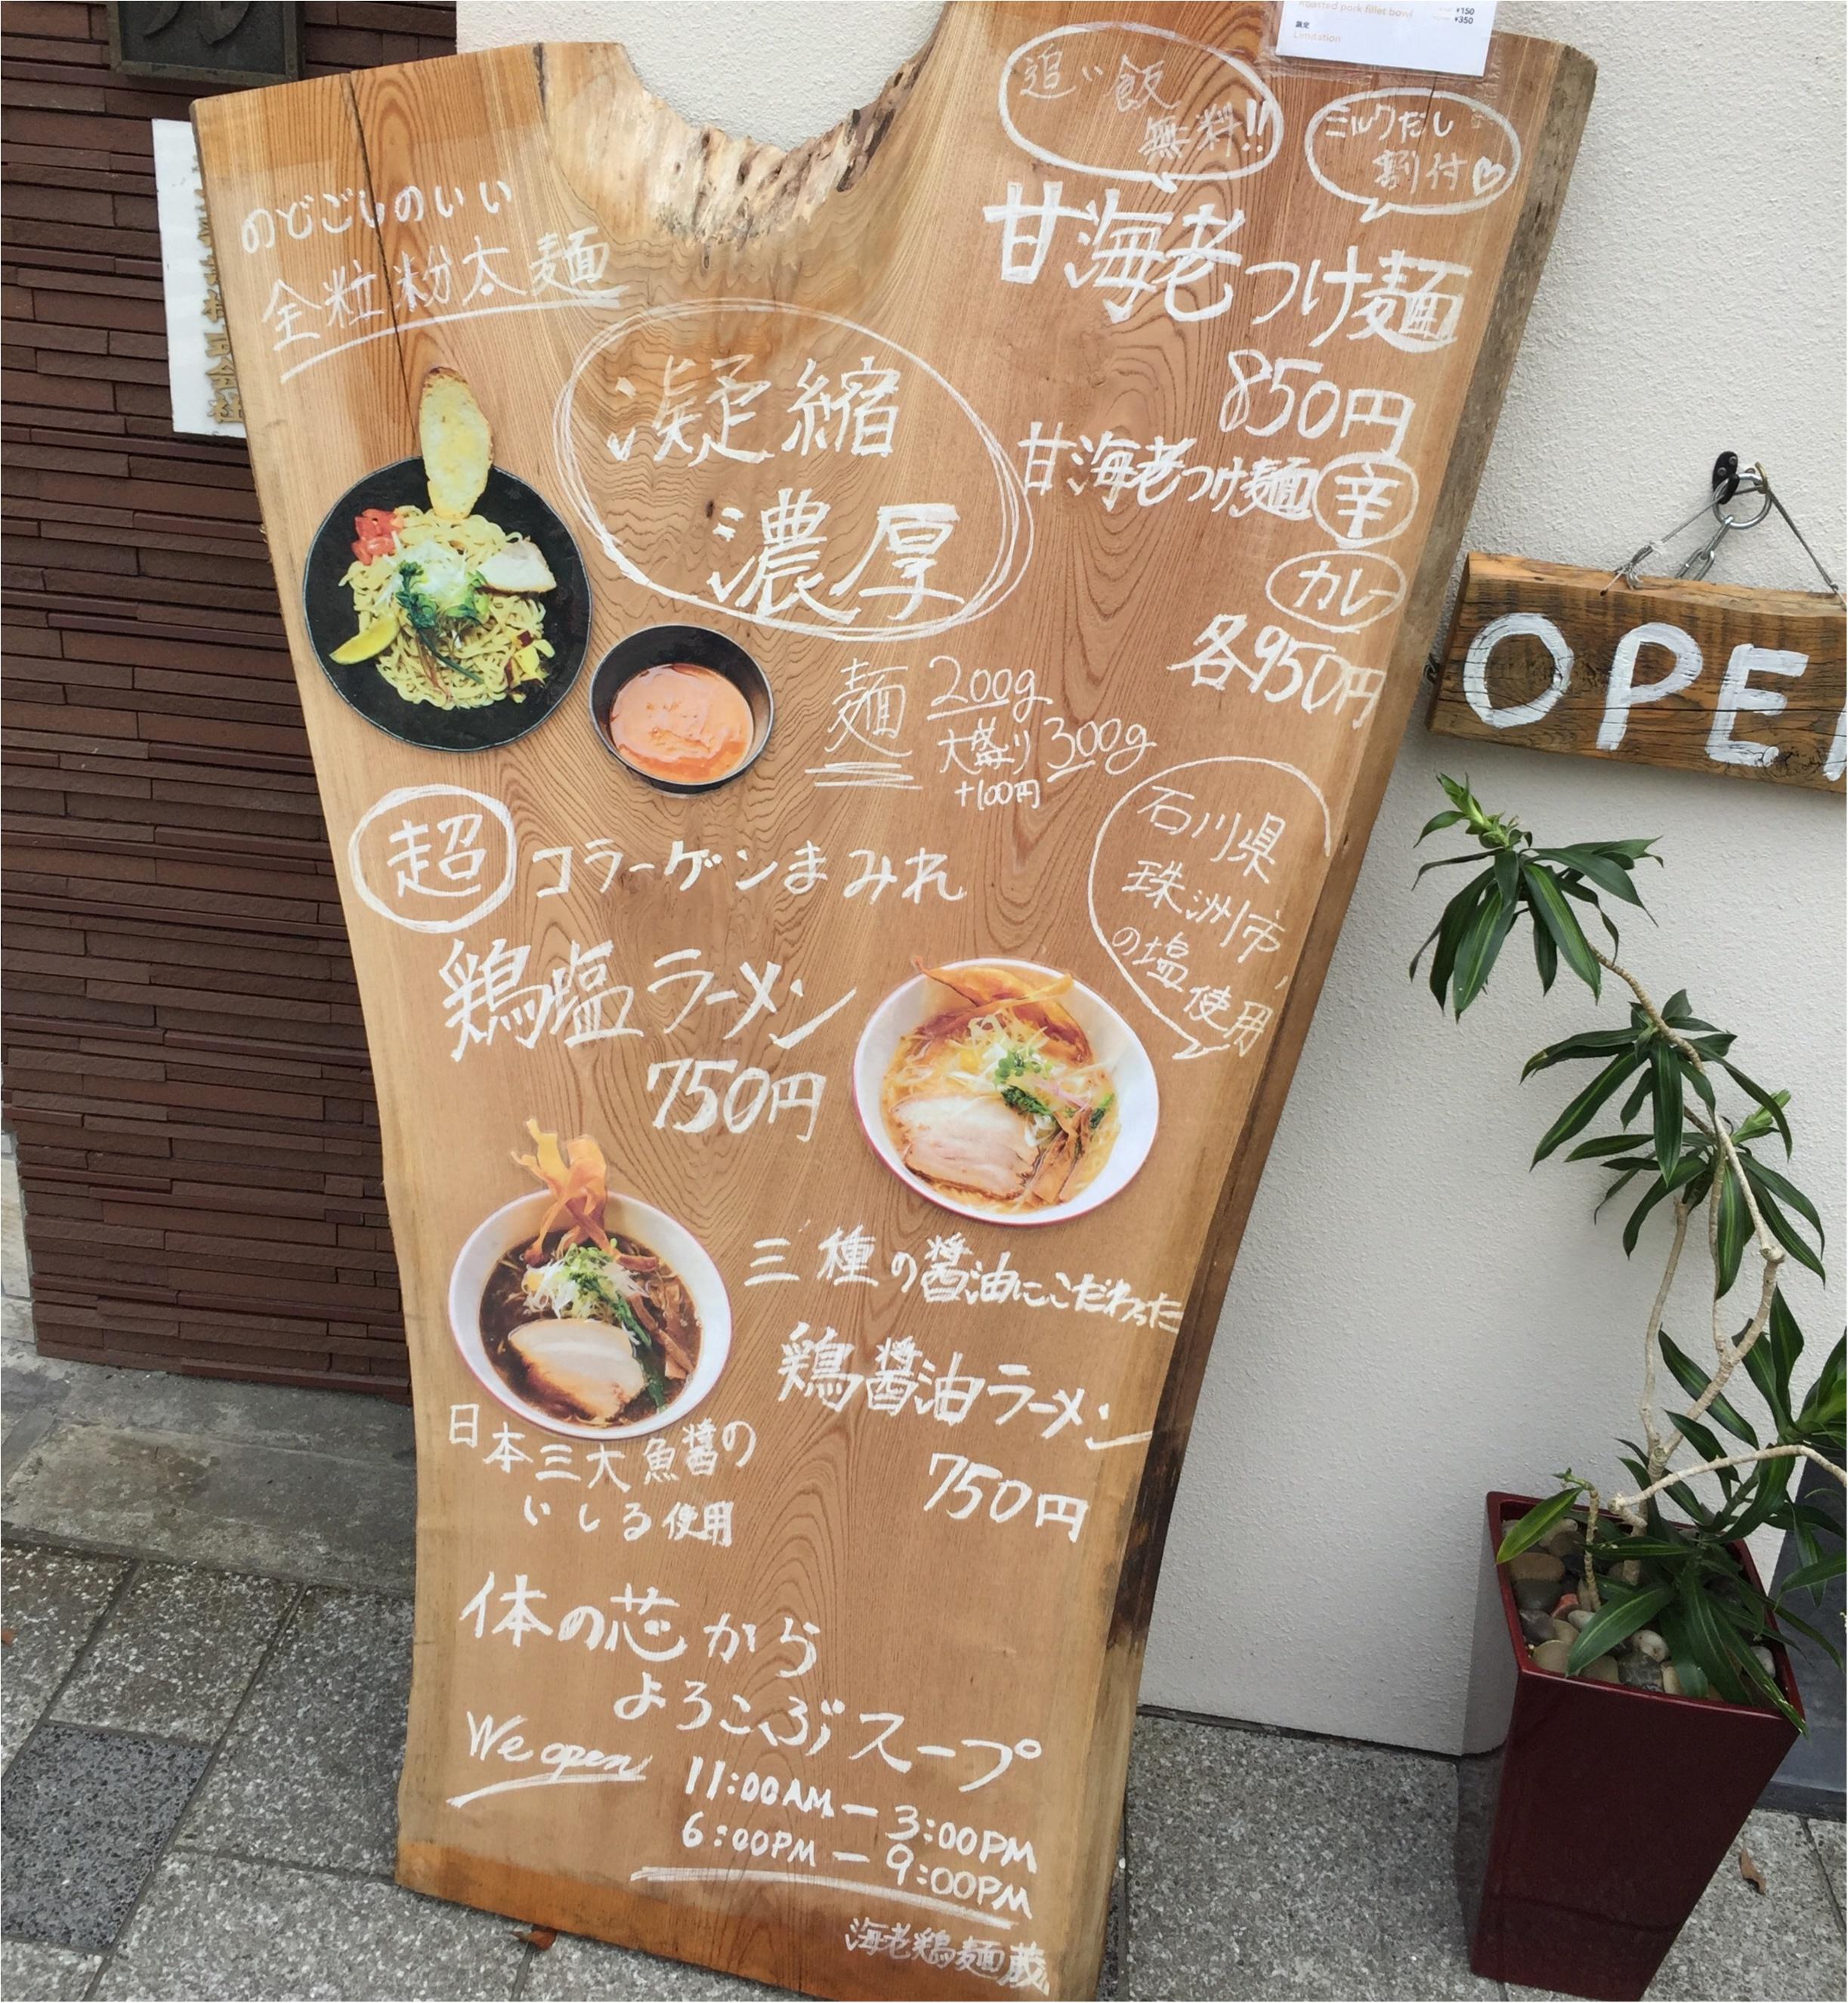 まるでビスクなヘルシー海老つけ麺✨海老鶏麺蔵が堺筋本町にOpen✨_2